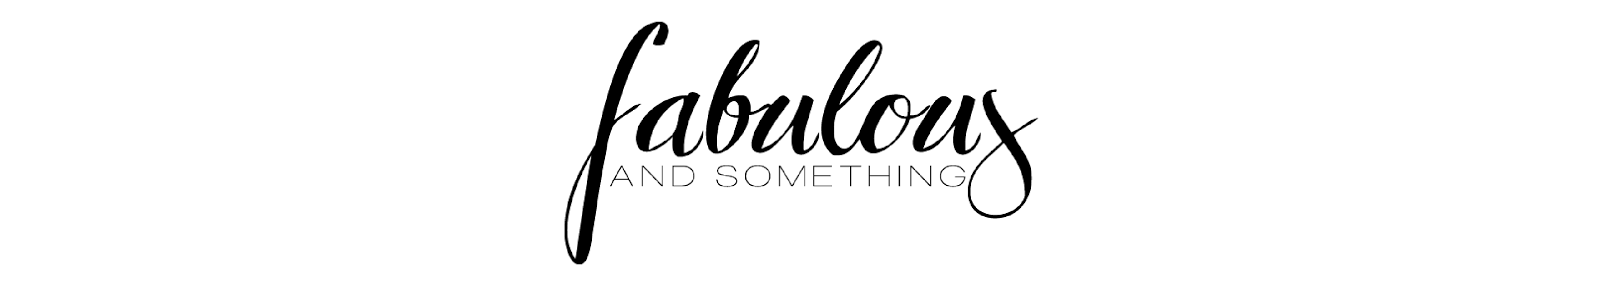 Fabulous and something